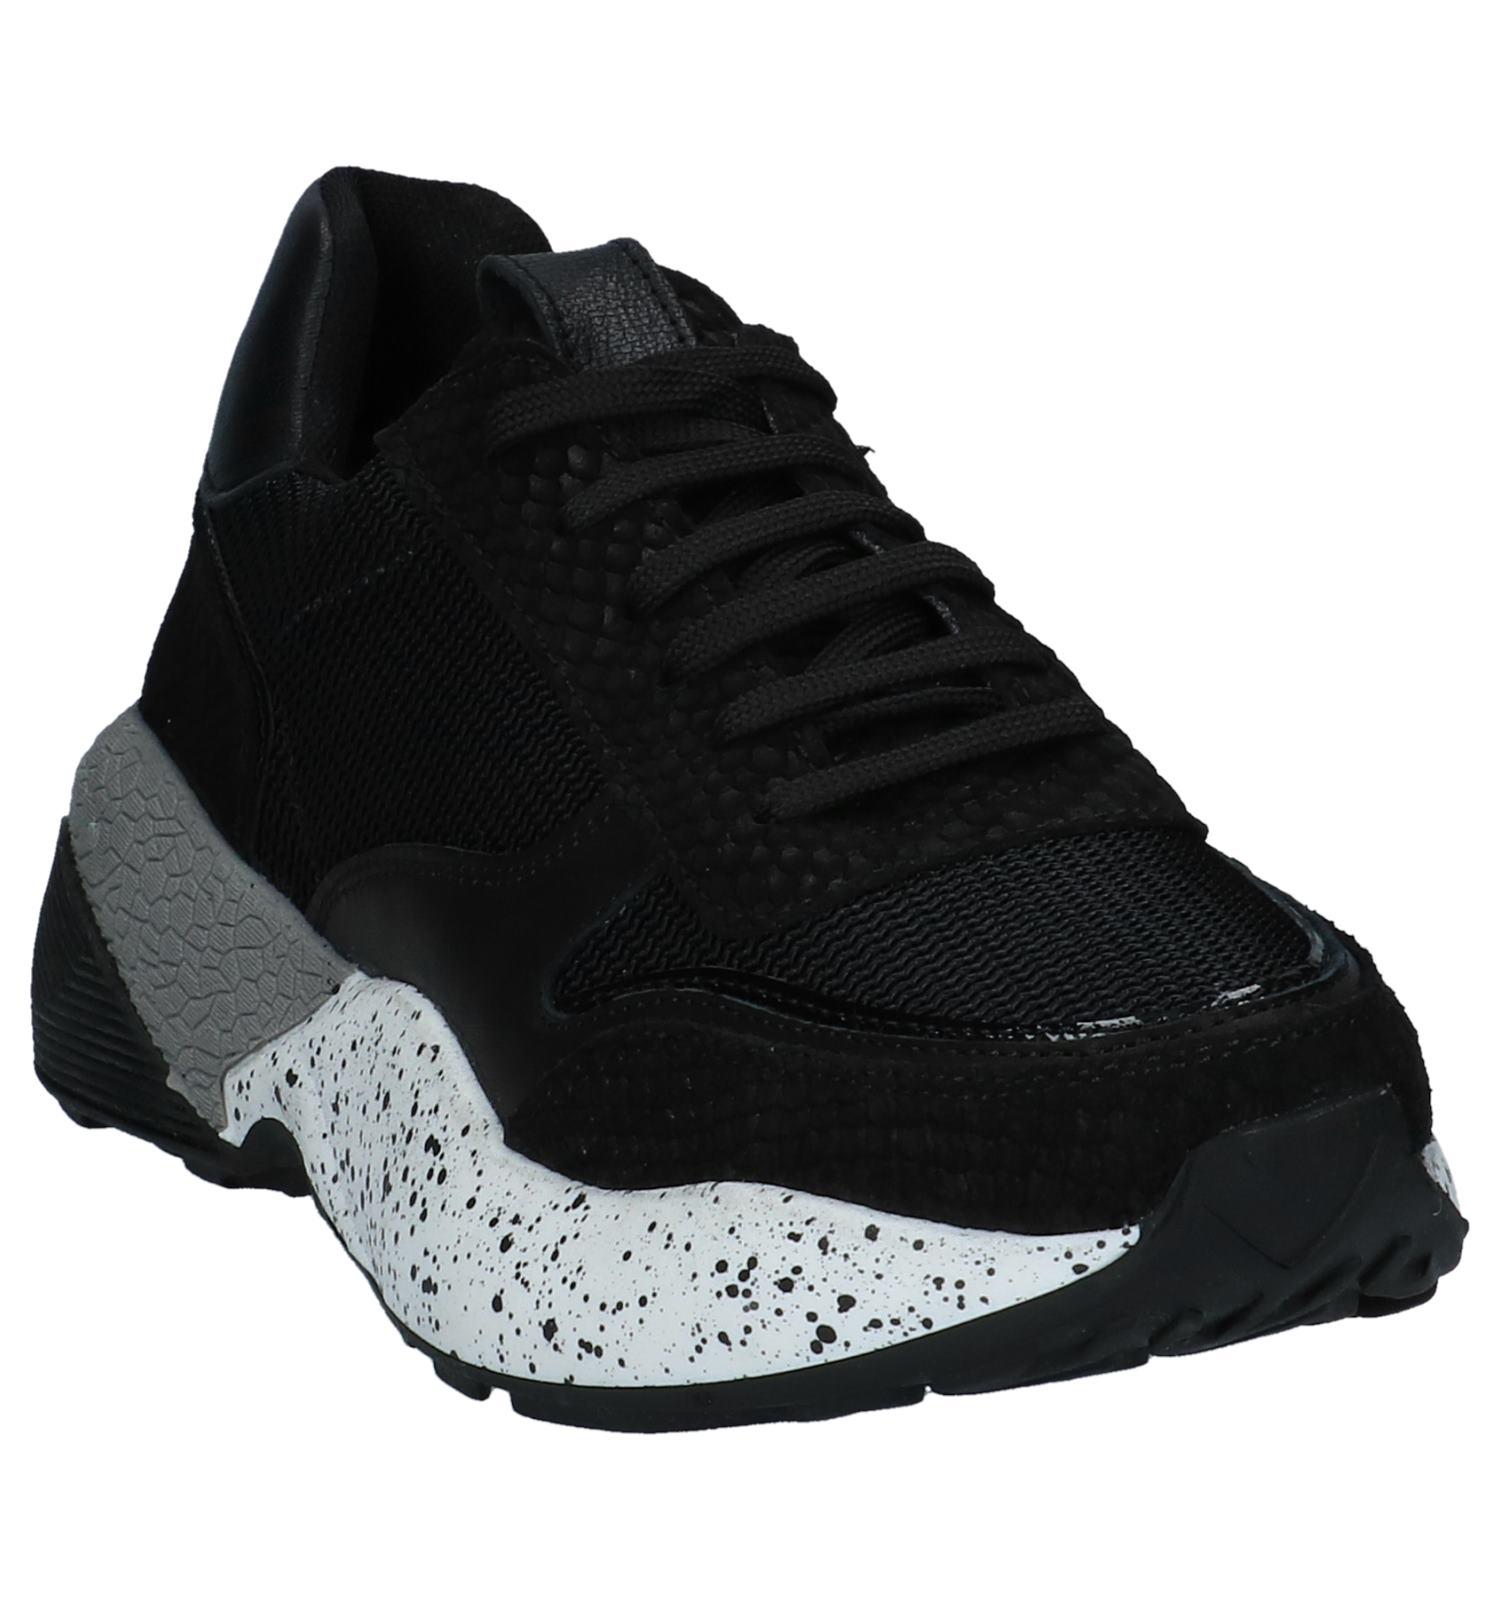 0d260aa8124 Zwarte Geklede Sneakers Poelman | TORFS.BE | Gratis verzend en retour